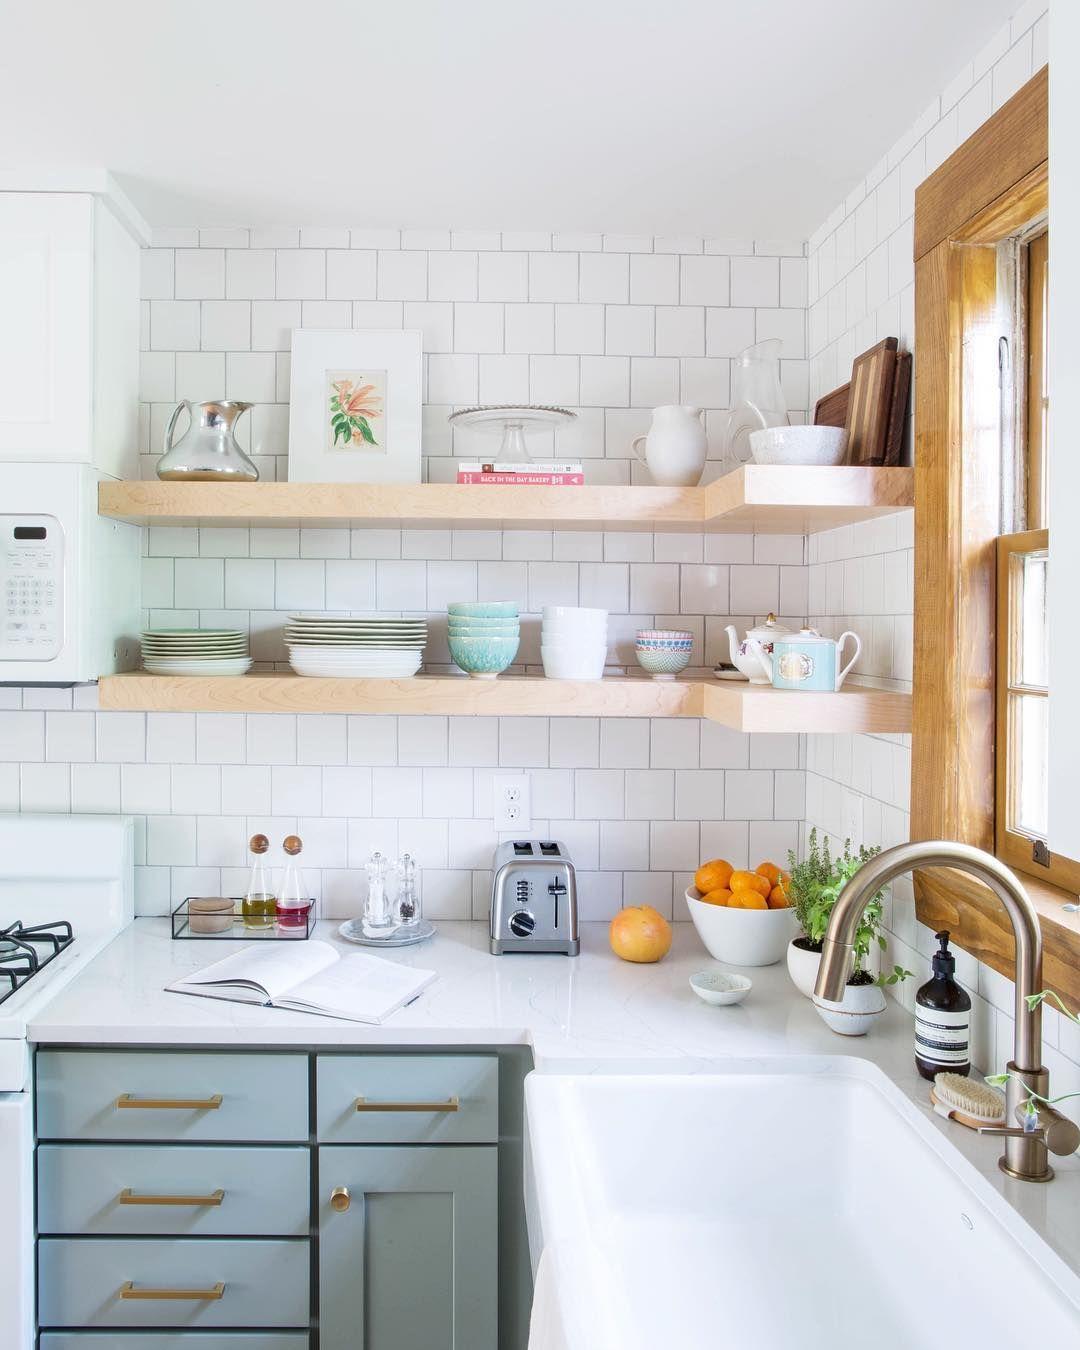 Pin von Katie Grimes auf Dream Housee | Pinterest | Lampen, Küche ...